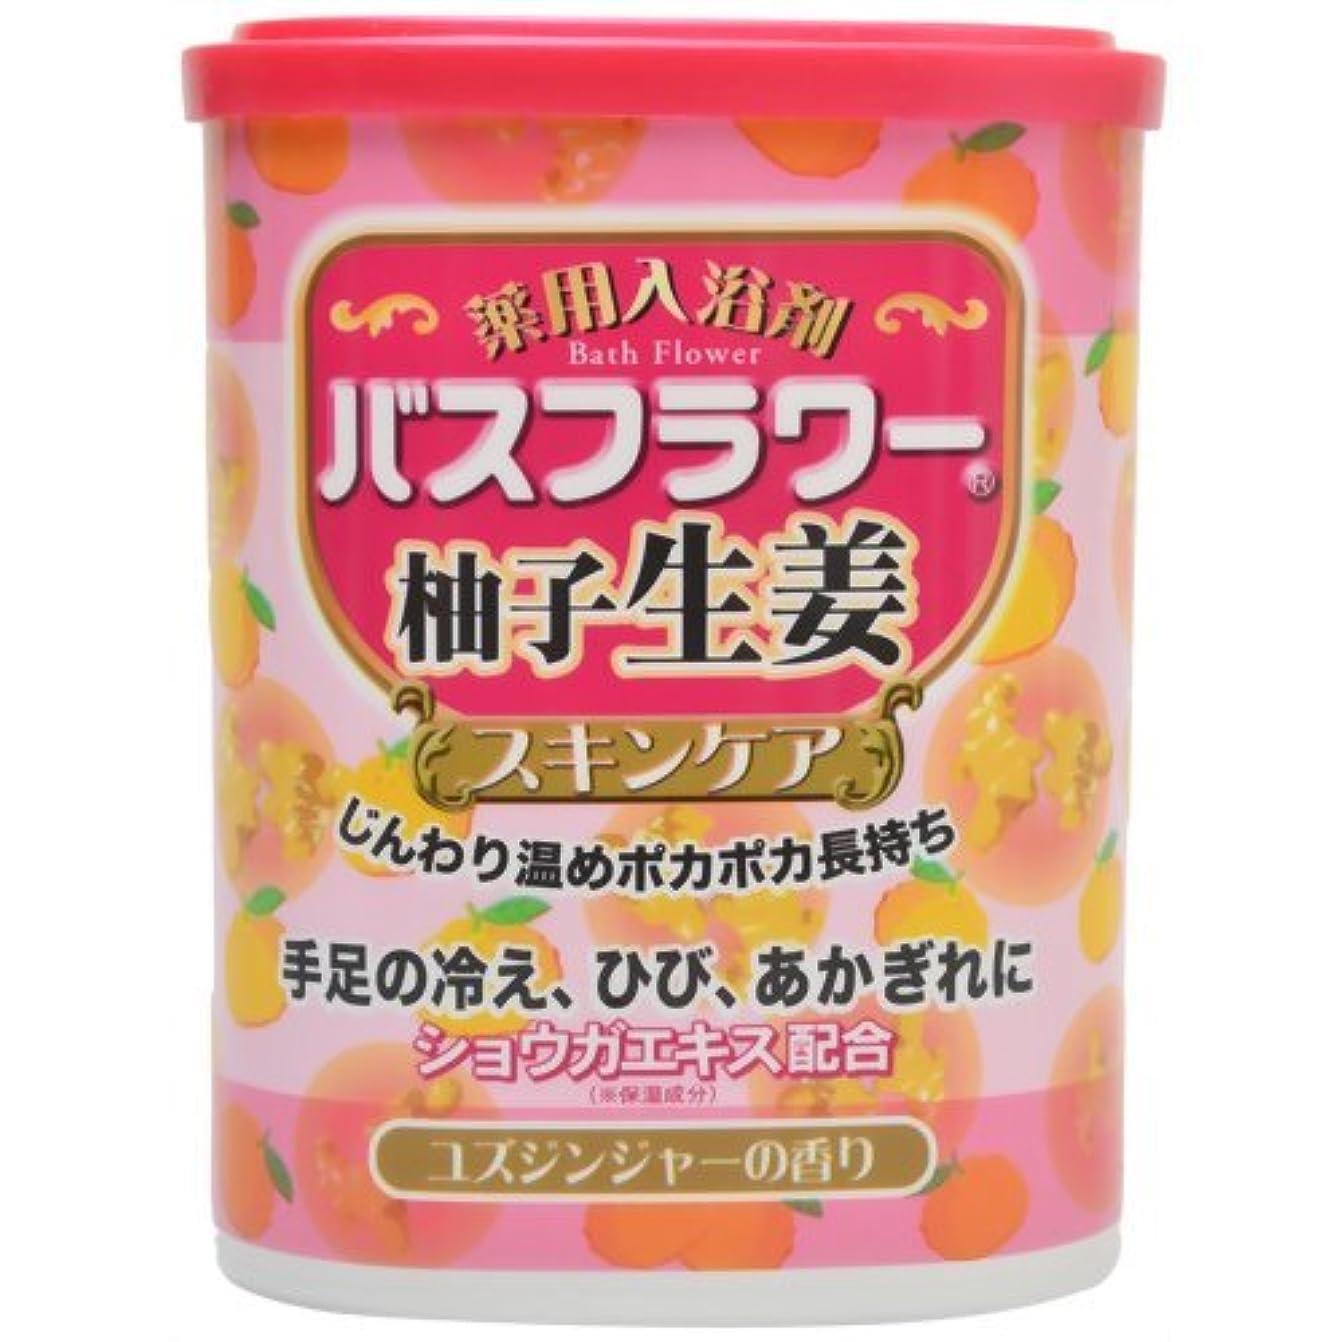 ウェイター孤独な繰り返したバスフラワー 薬用入浴剤スキンケア柚子生姜 680g